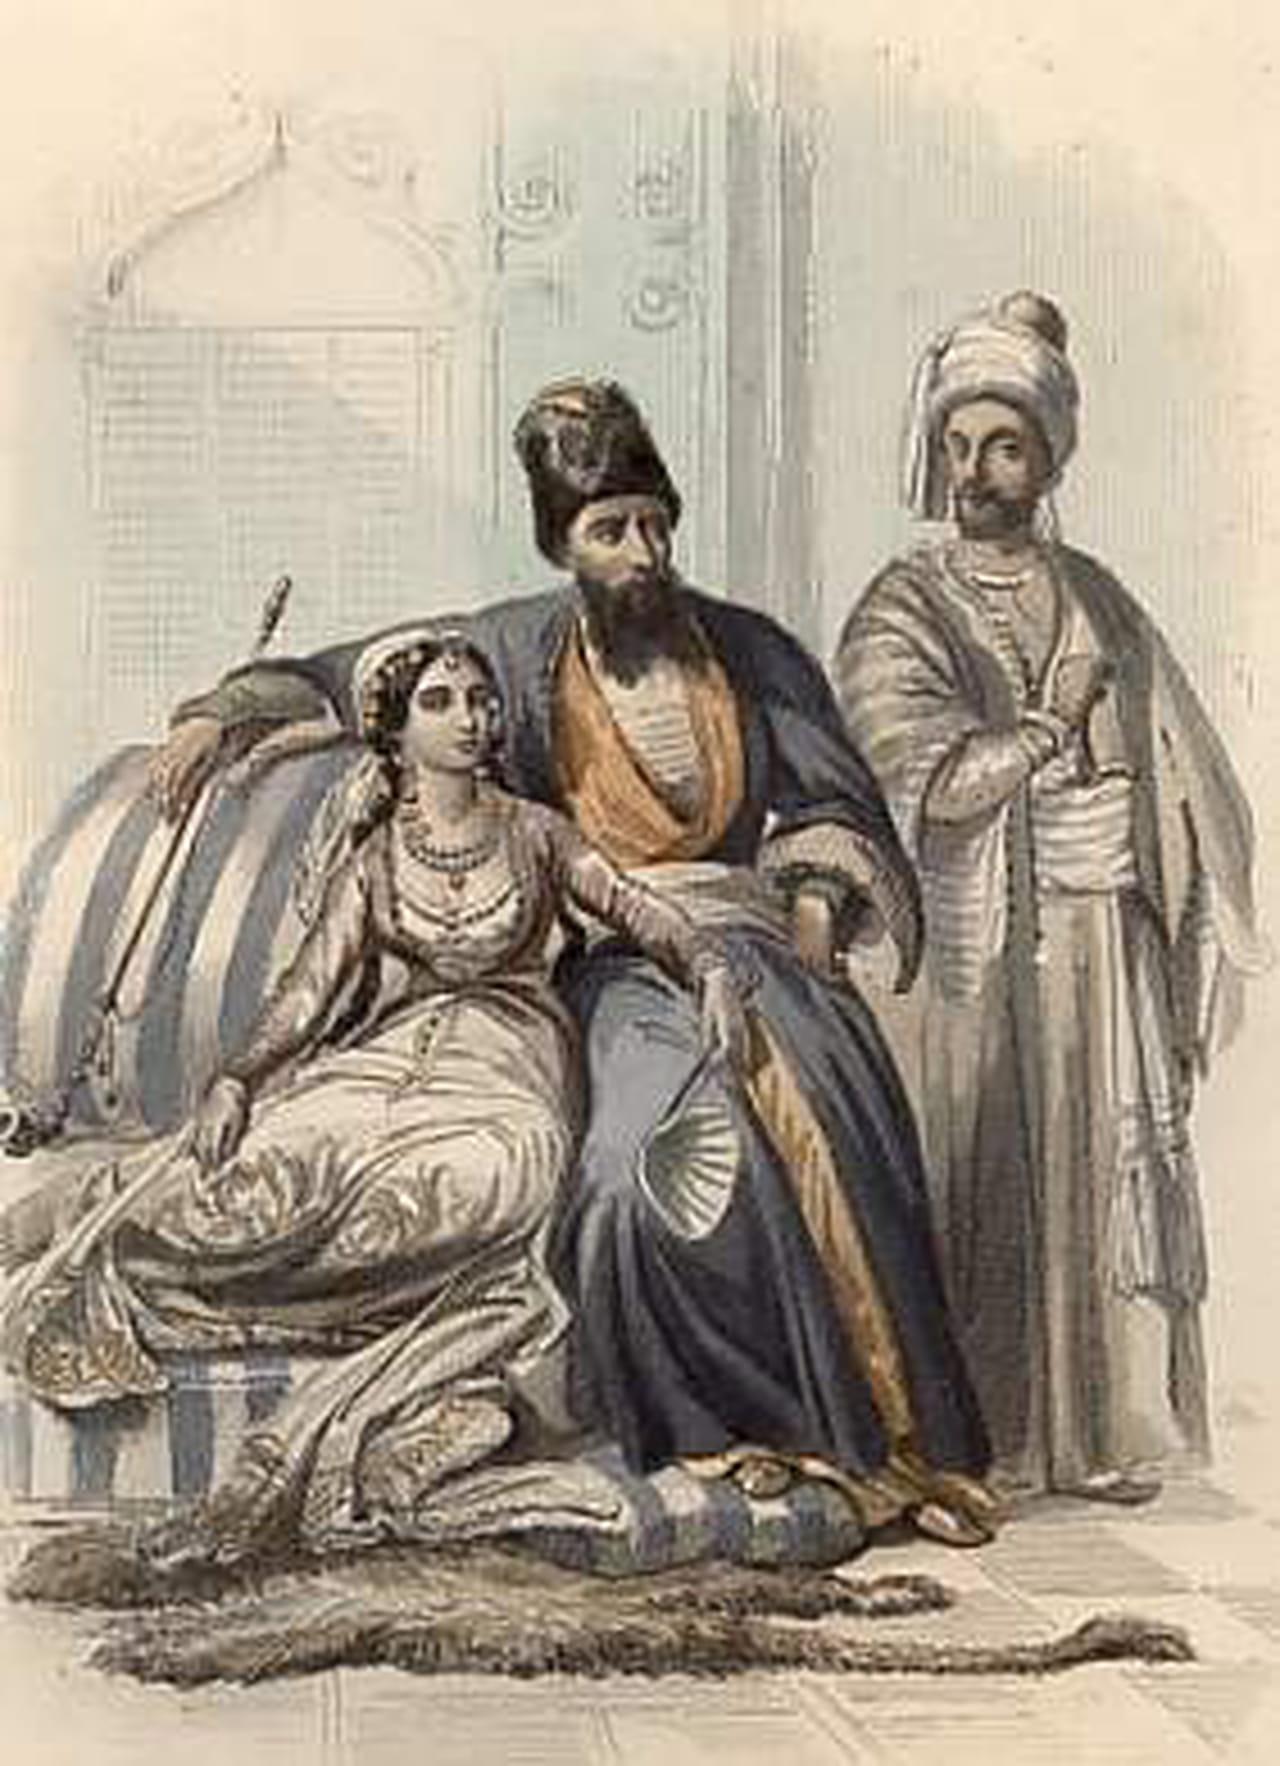 lettre persane Les Lettres persanes de Montesquieu : Résumé lettre persane